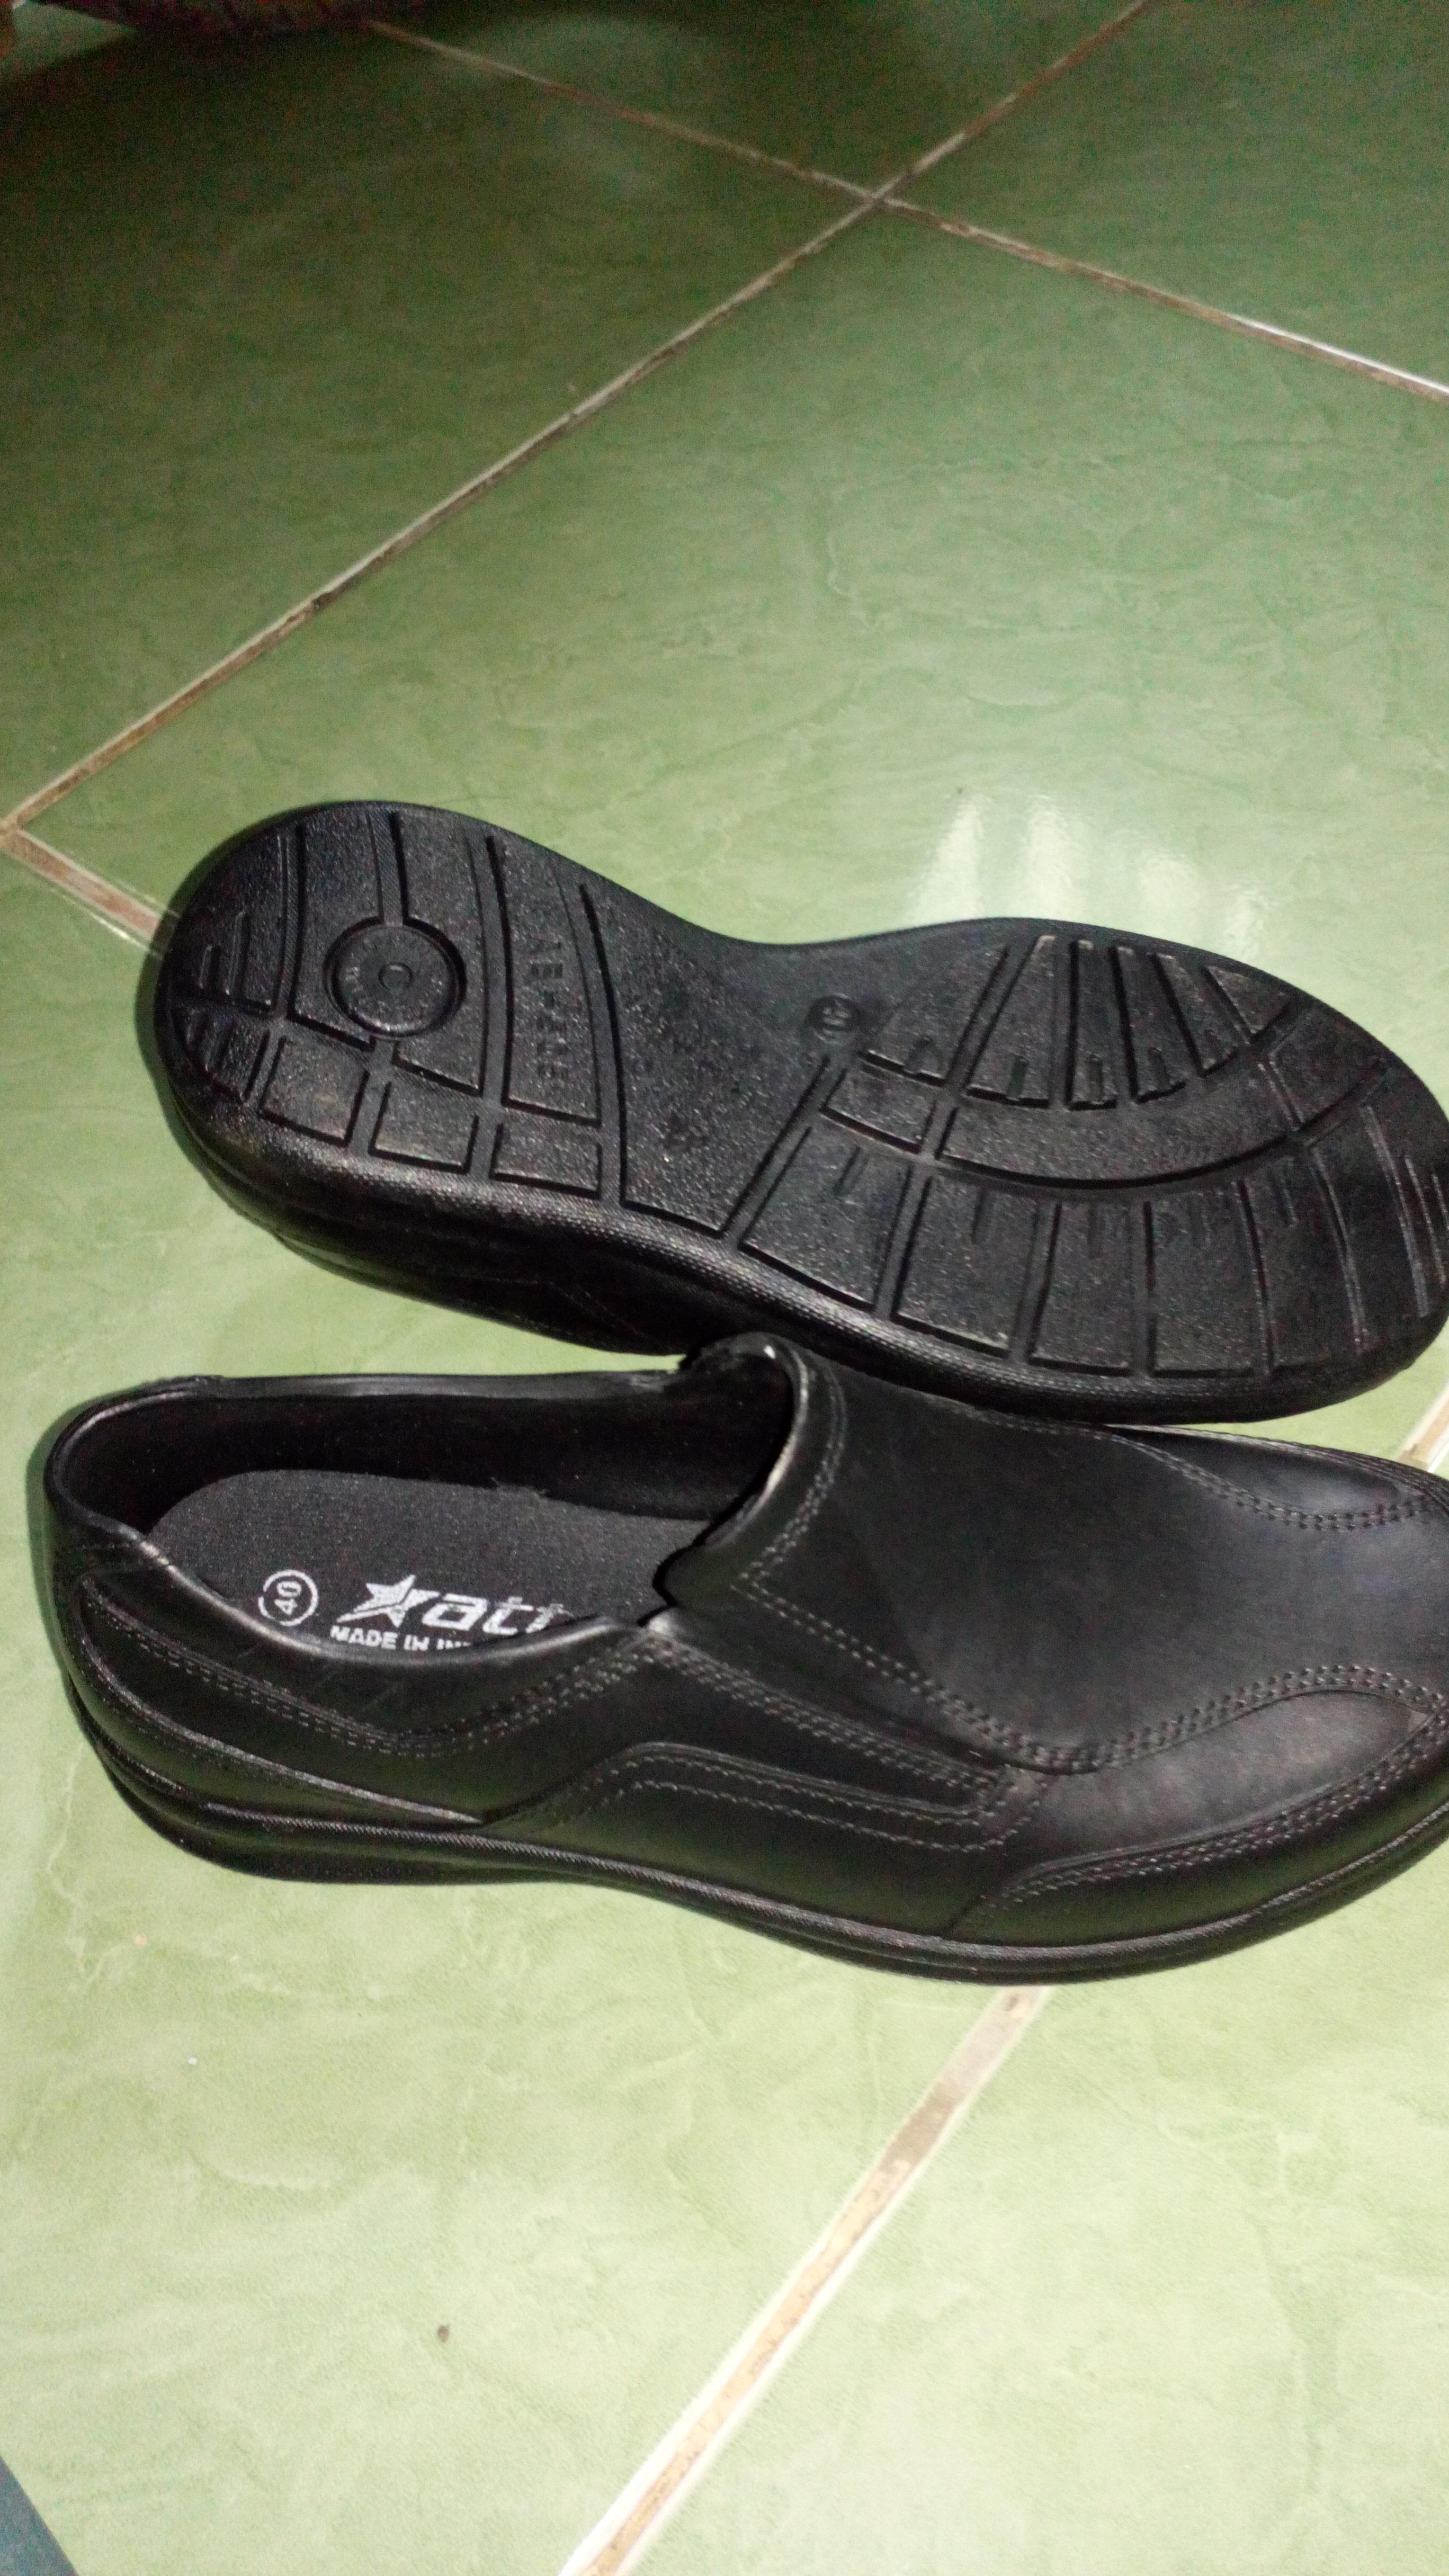 Daftar Perusahaan Sepatu Jual Sepatu Karet Att Harga Murah